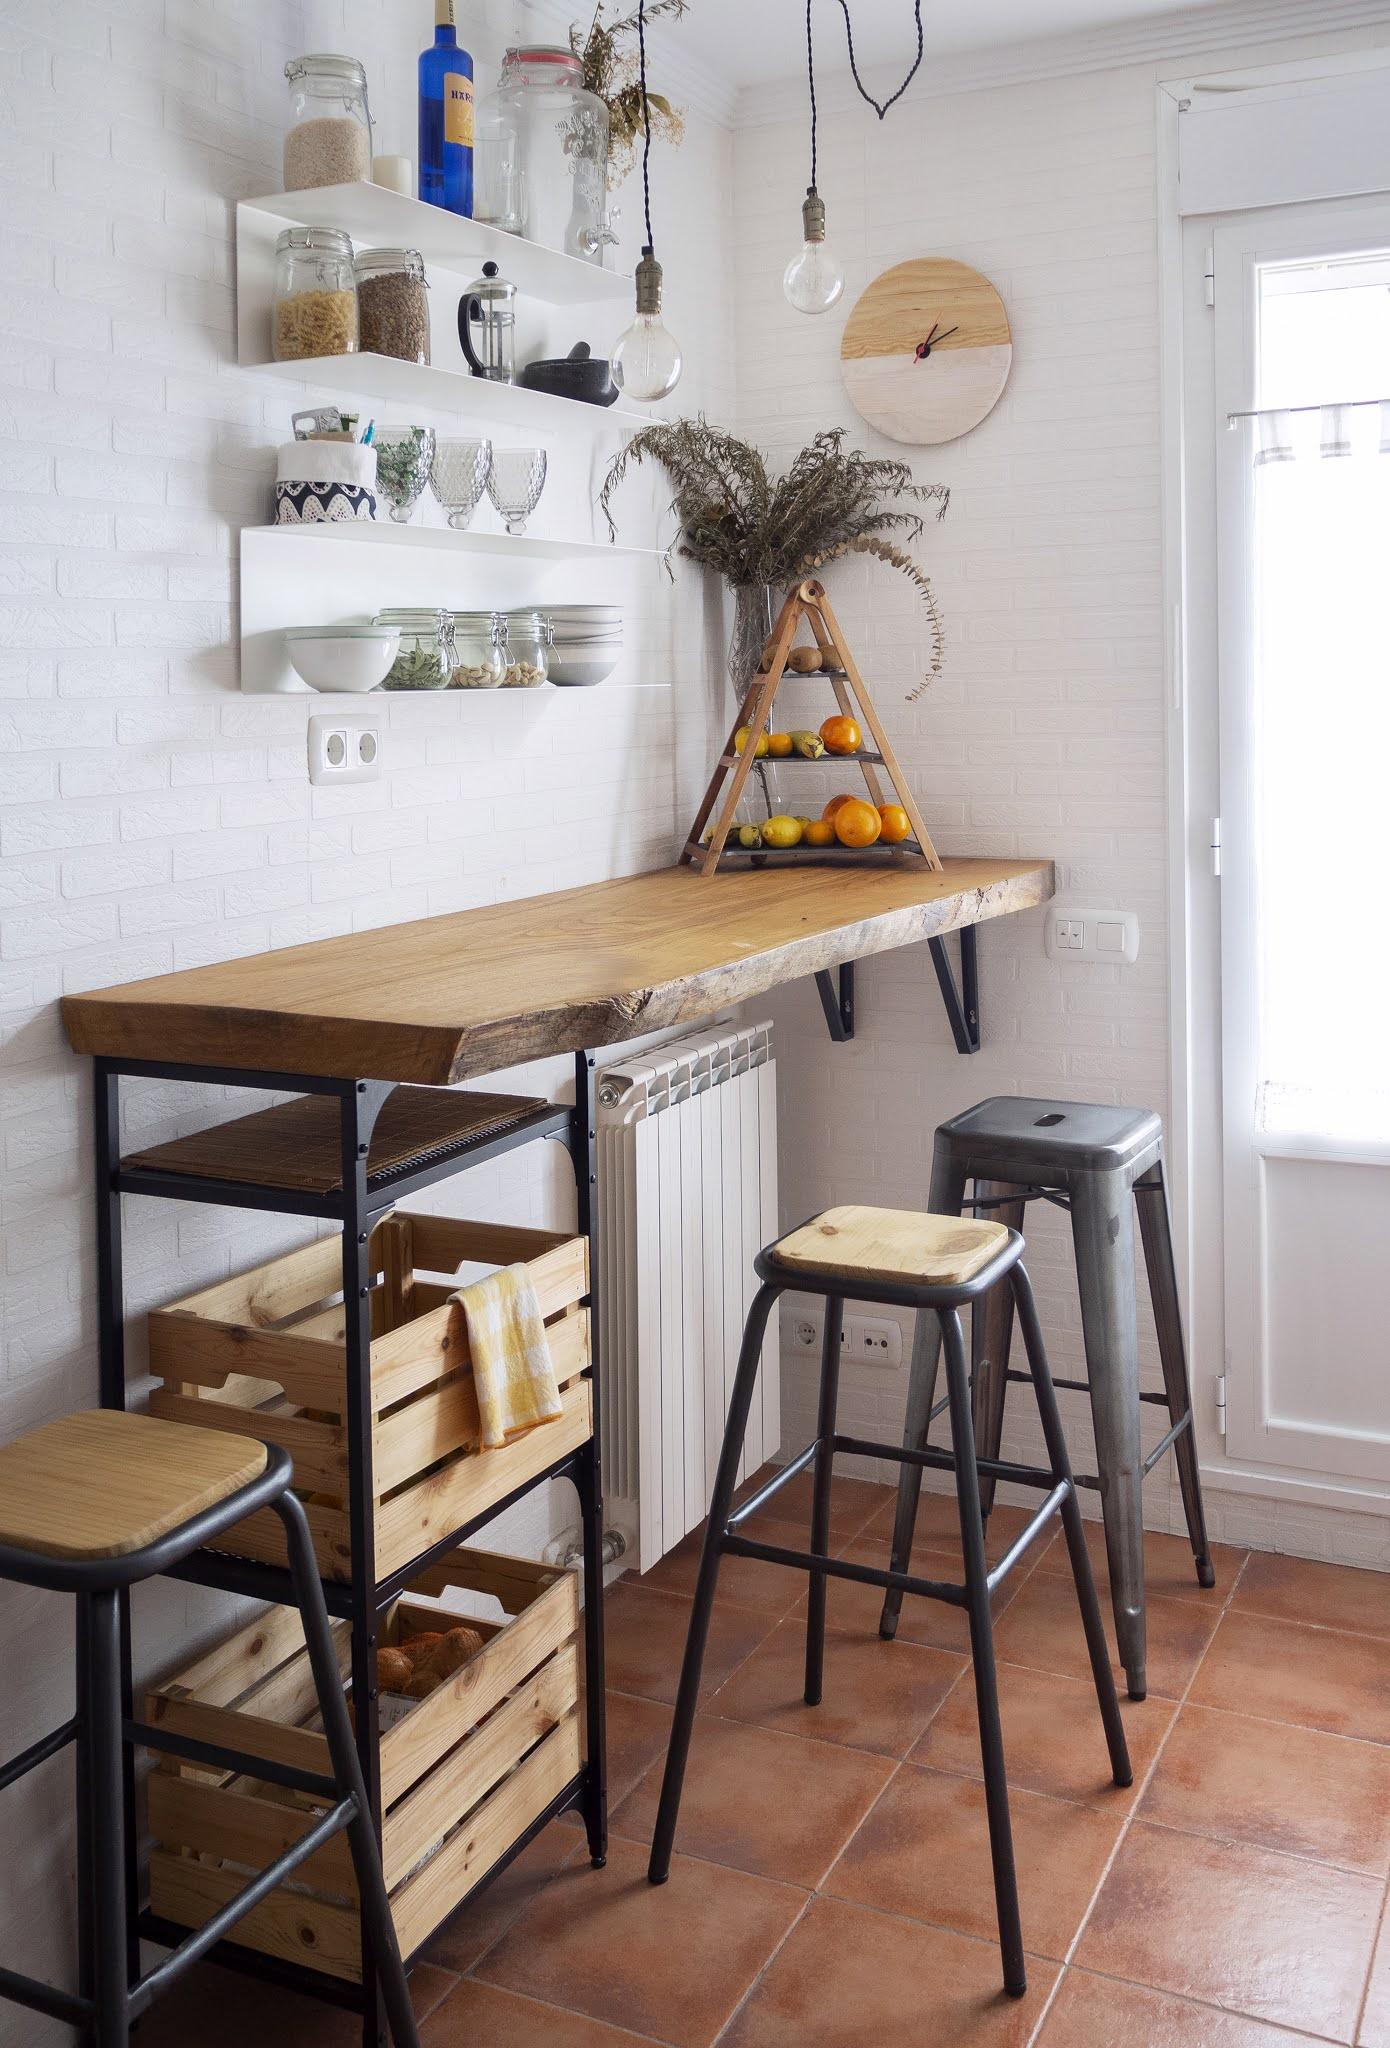 DIY Reloj de madera para nuestra cocina_Decorar en familia5